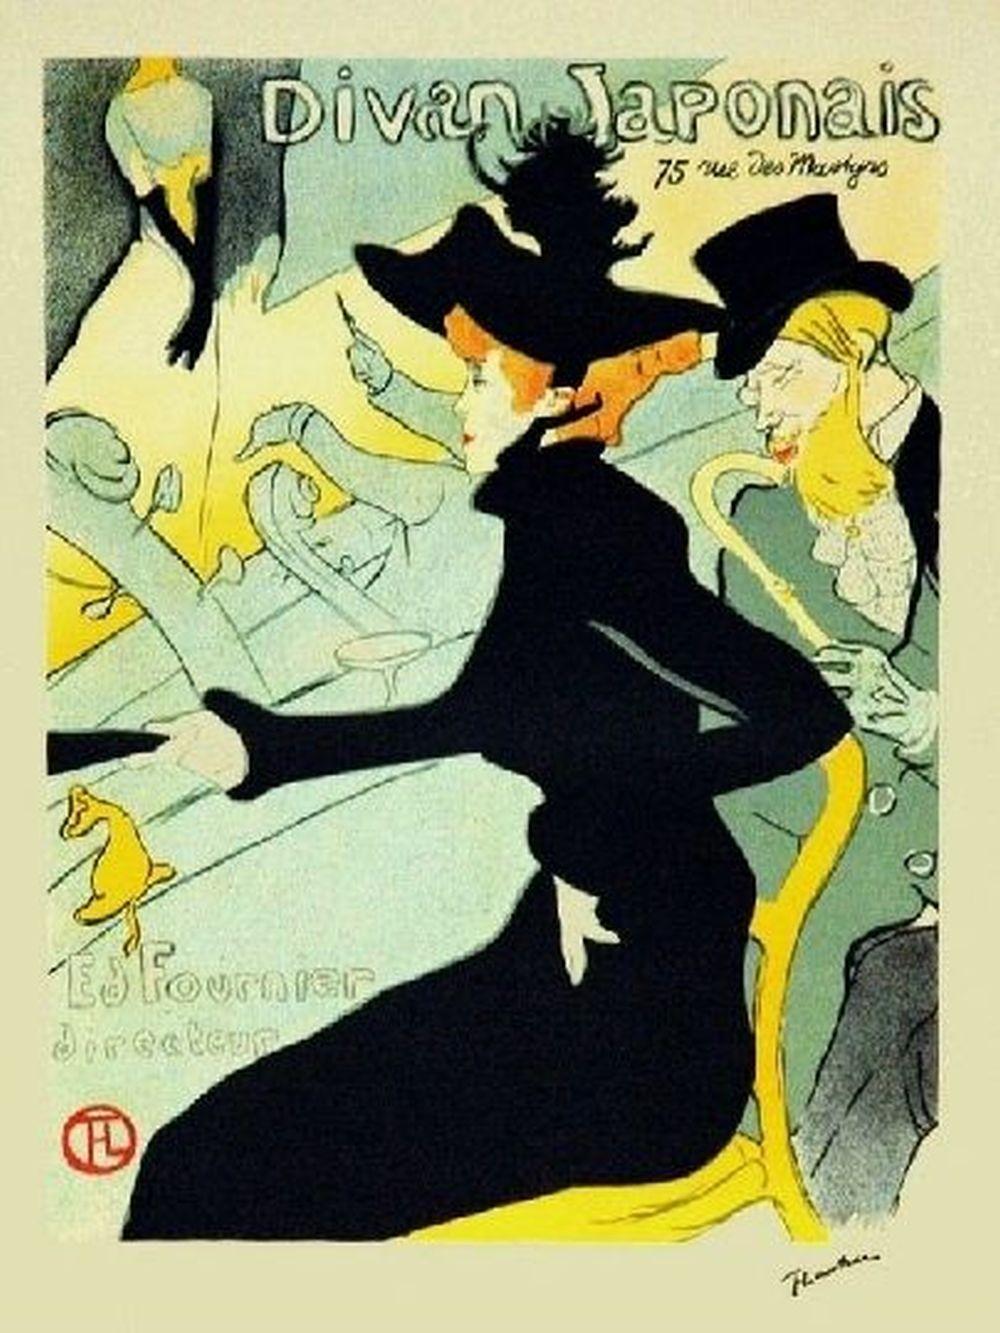 Henri De Toulouse-Lautrec (d'après) - Le divan japonais, 1982